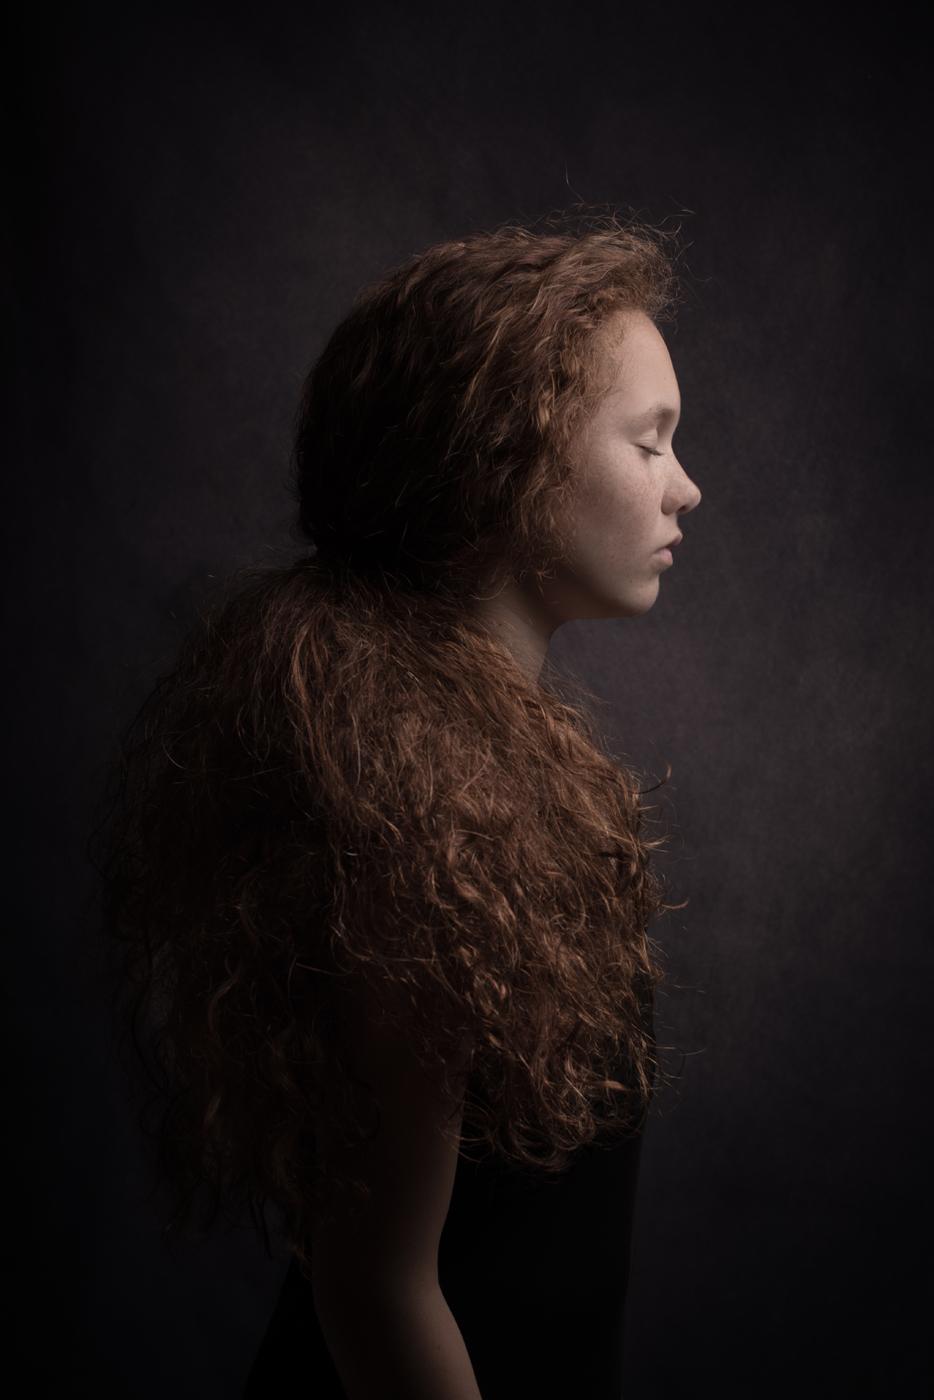 'Silence' by Milou Krietemeijer-Dirks